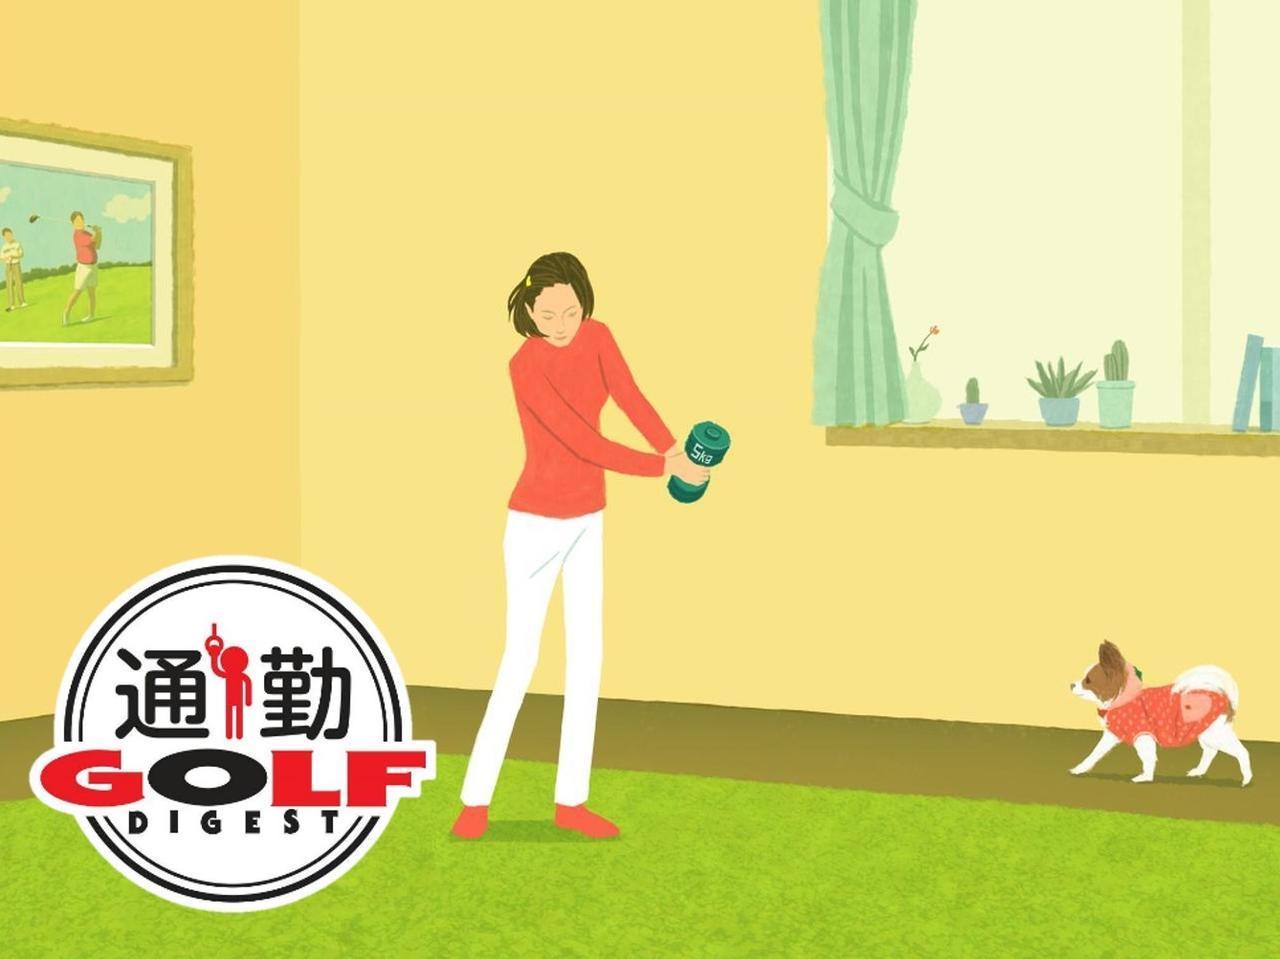 画像: 【通勤GD】Dr.クォンの反力打法 Vol.12「ダンベル素振り」で脱アームスウィング ゴルフダイジェストWEB - ゴルフへ行こうWEB by ゴルフダイジェスト